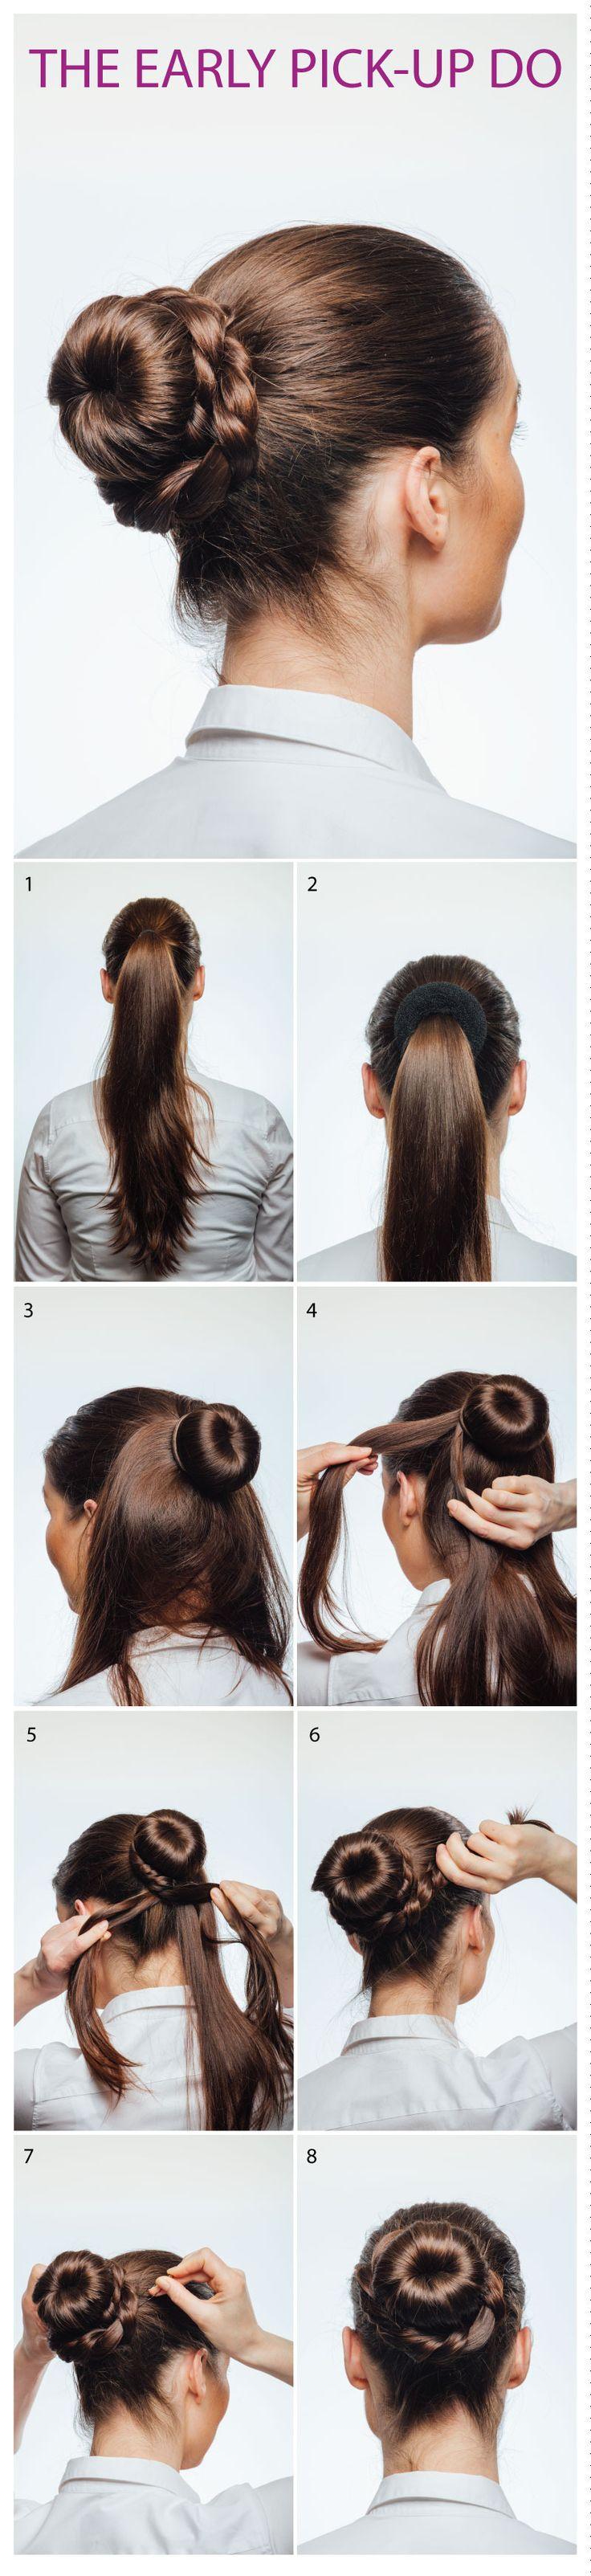 wow hair 1-10hair-infograff-nr-3